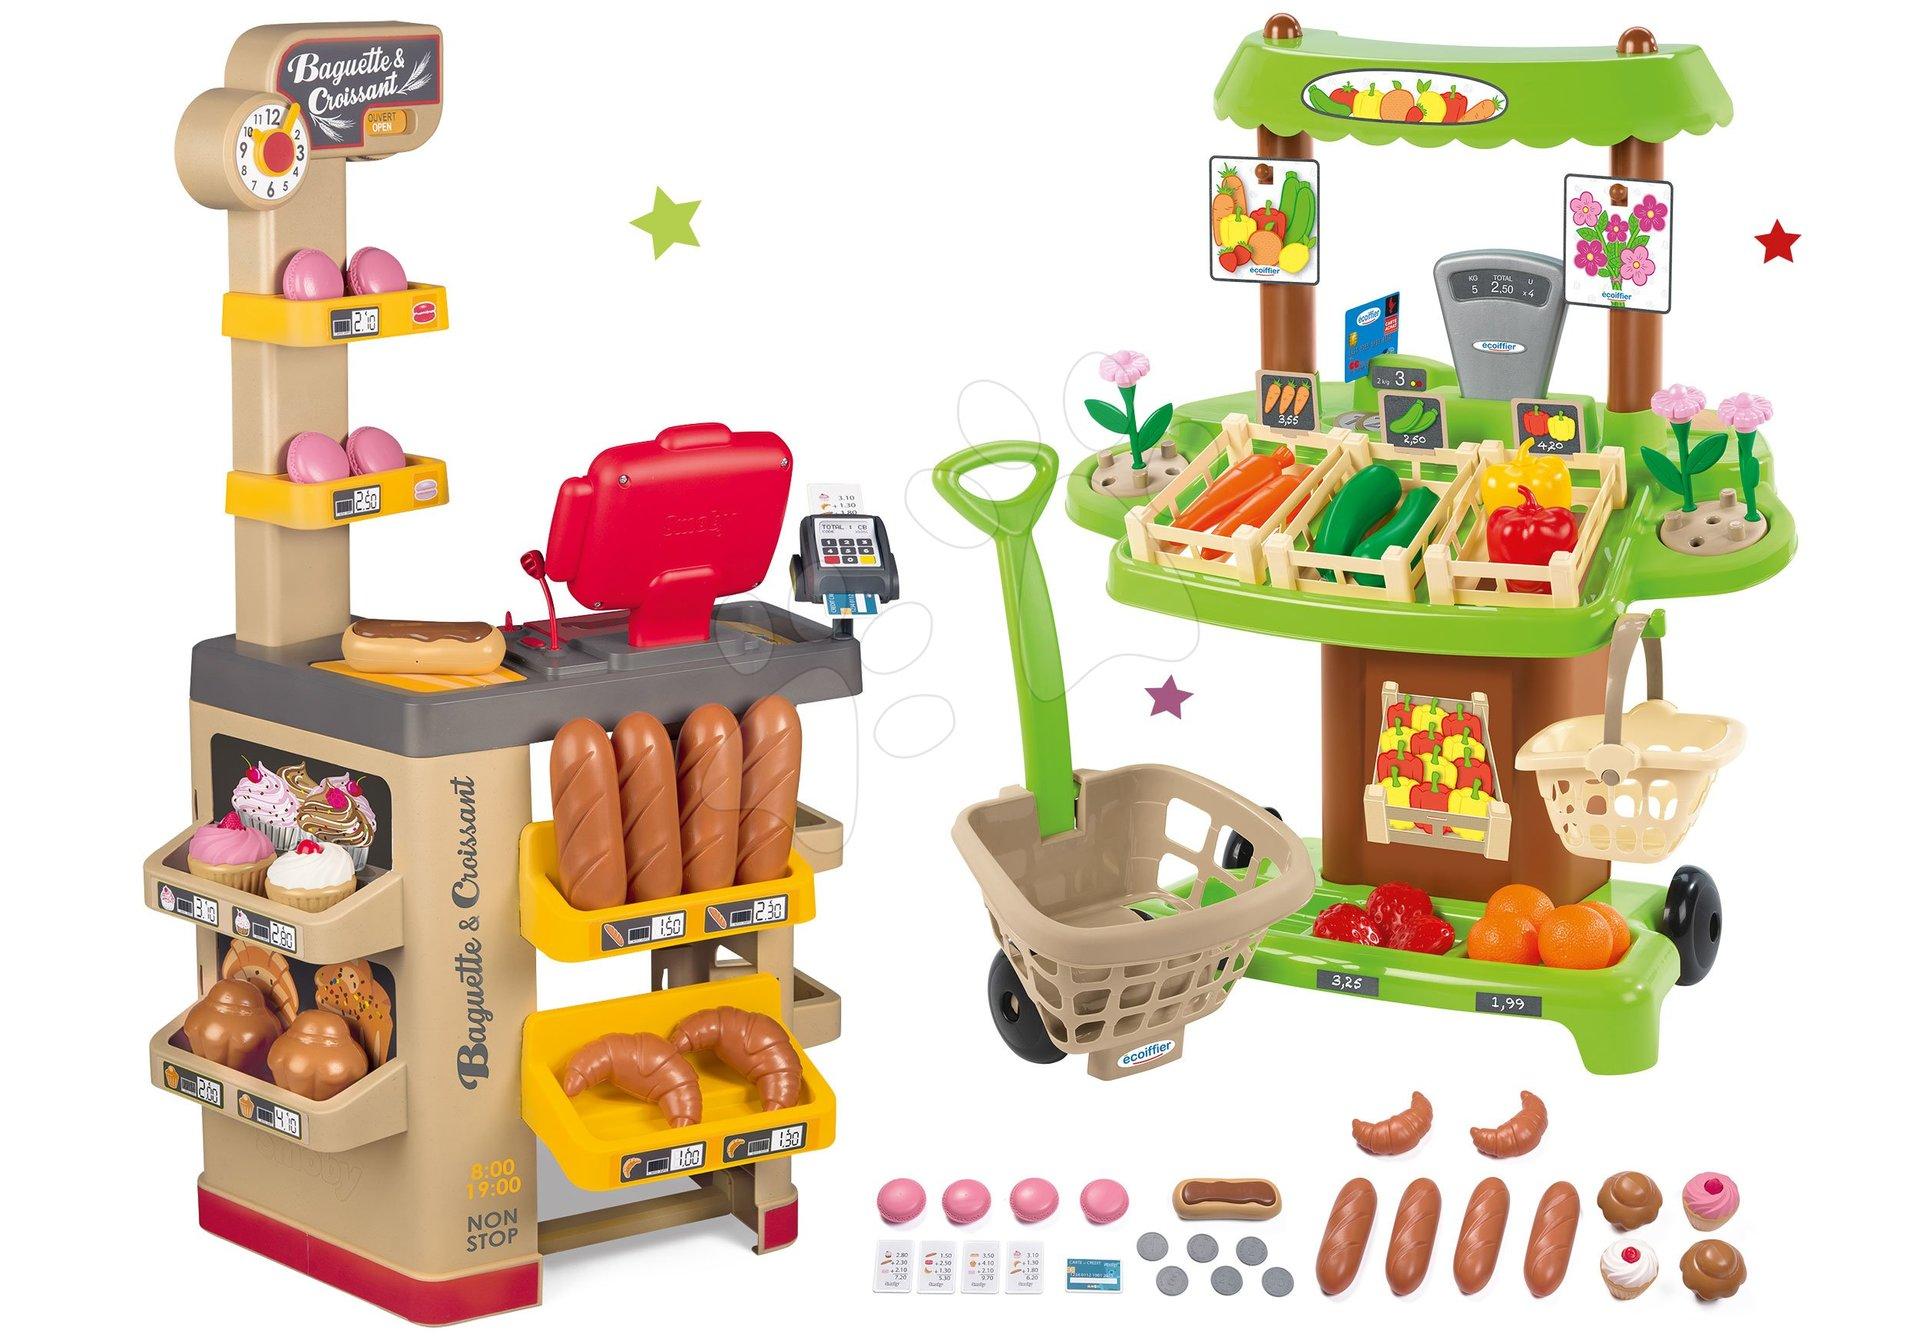 Obchody pro děti sety - Set pekárna s koláči Baguette&Croissant Bakery Smoby s elektronickou pokladnou a zeleninový Bio stánek s vozíkem Organic 100% Chef